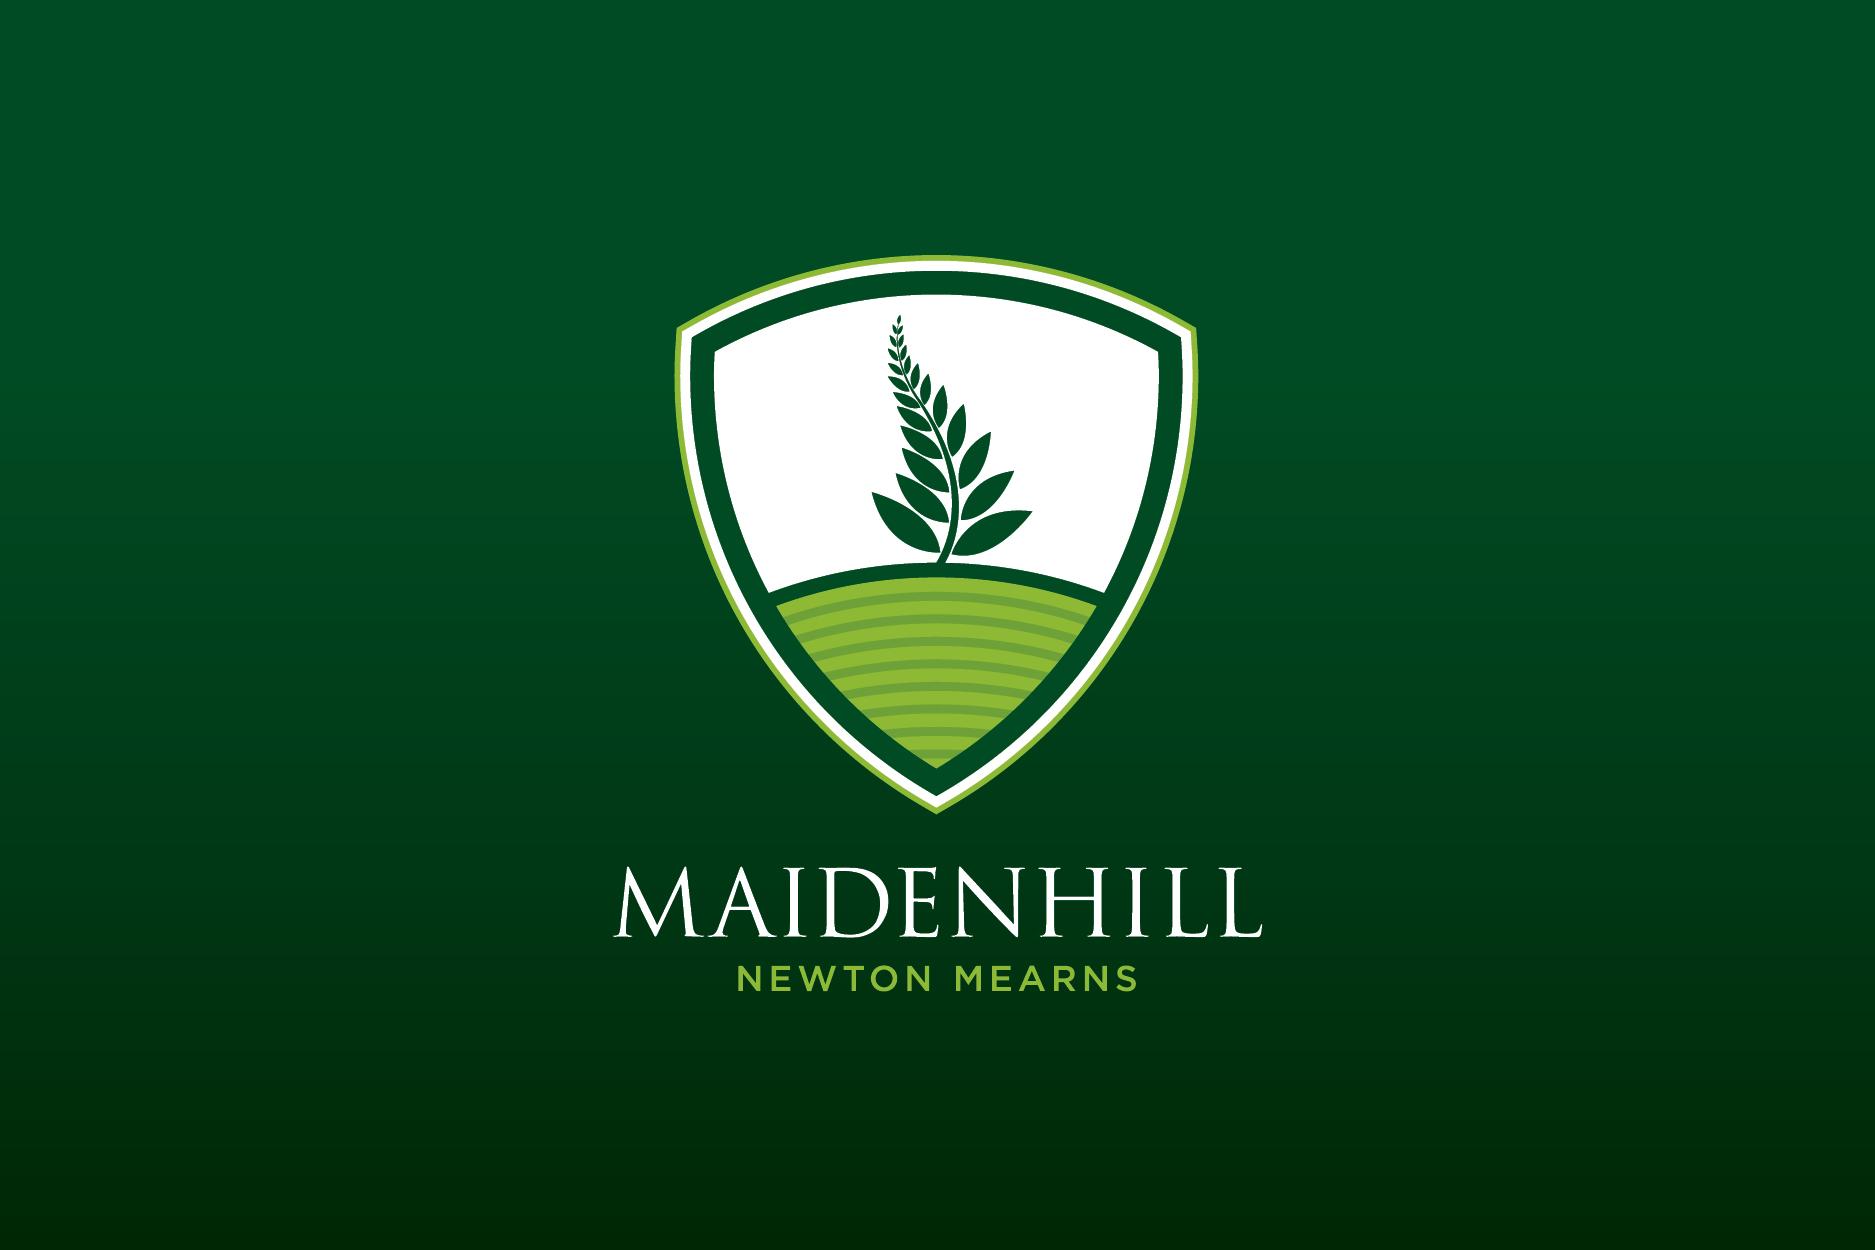 Maidenhill Folio Item Logo Image 900x600